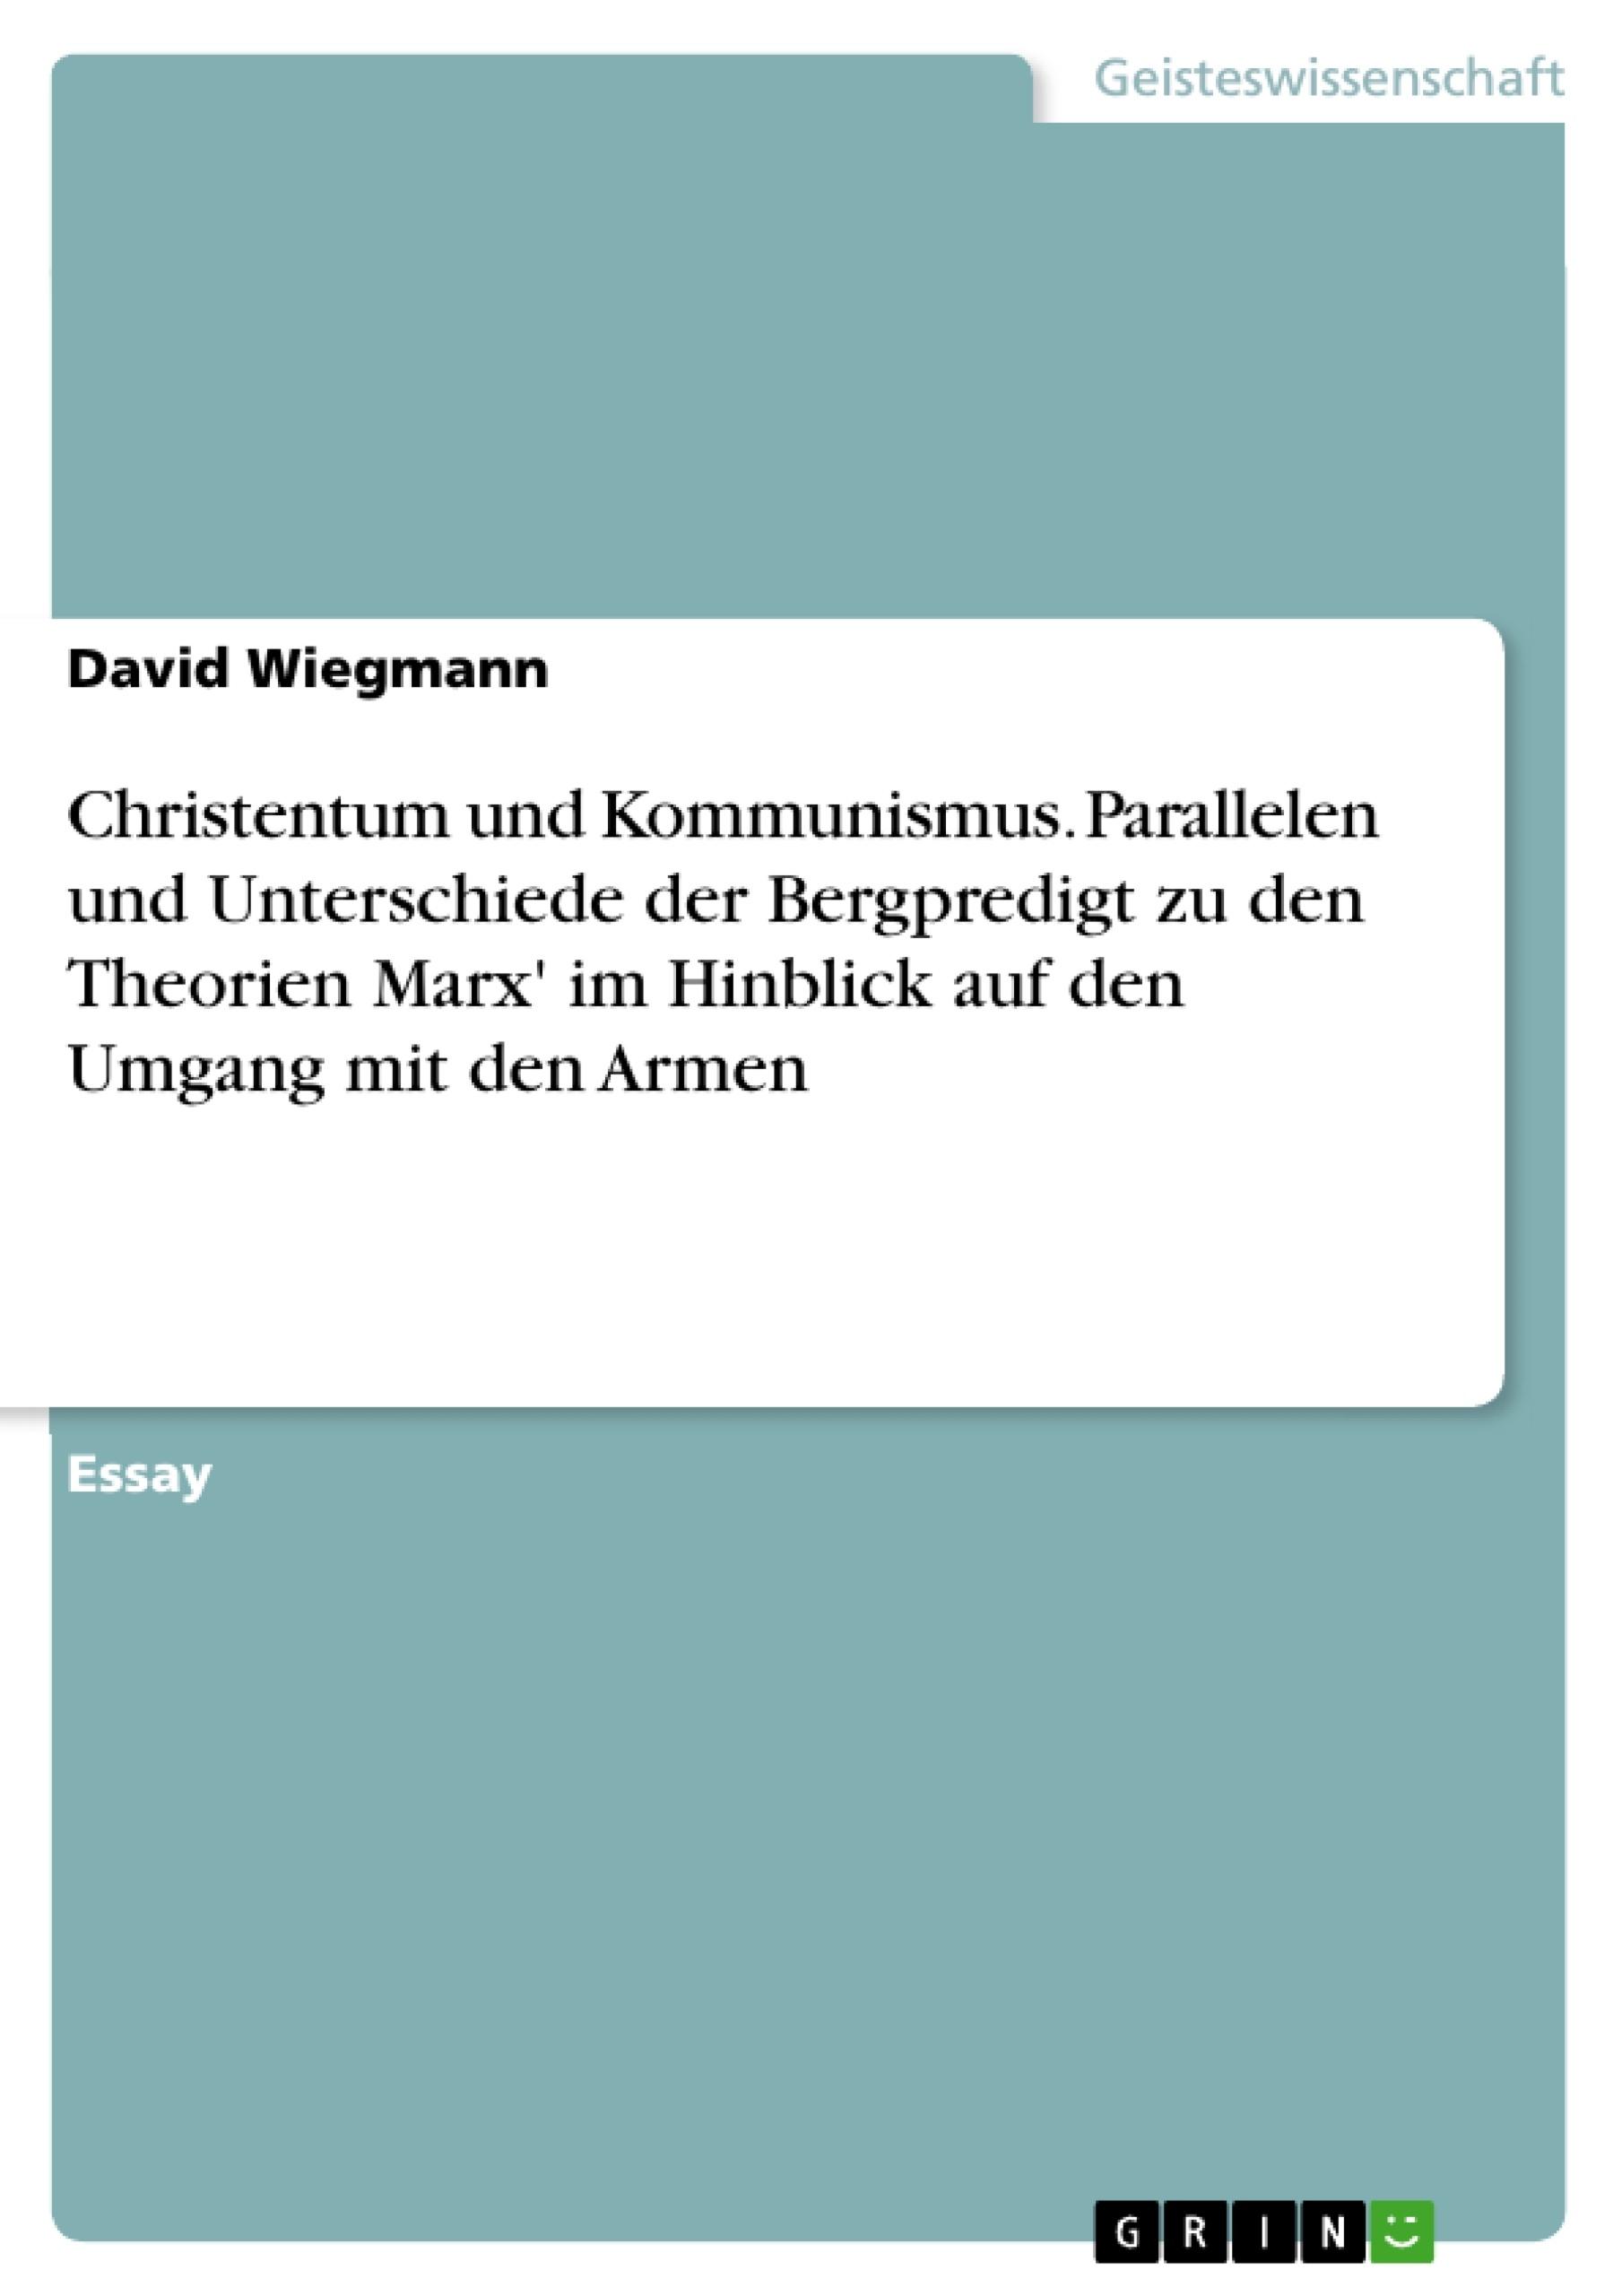 Titel: Christentum und Kommunismus. Parallelen und Unterschiede der Bergpredigt zu den Theorien Marx' im Hinblick auf den Umgang mit den Armen